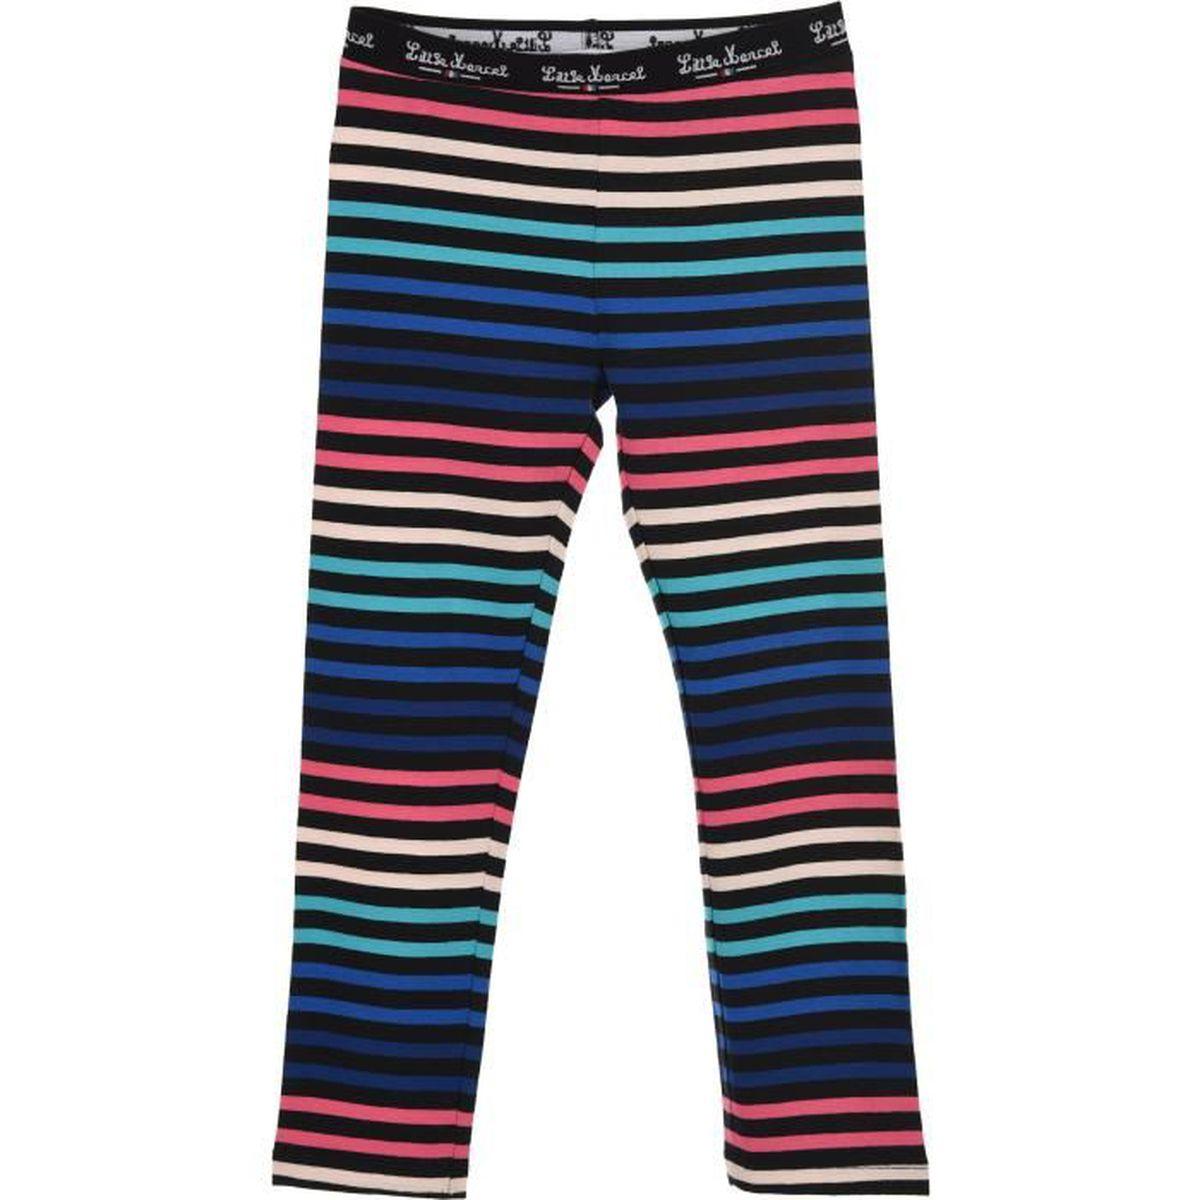 LEGGING LITTLE MARCEL Legging Fille 95% Coton/5% Elasthann